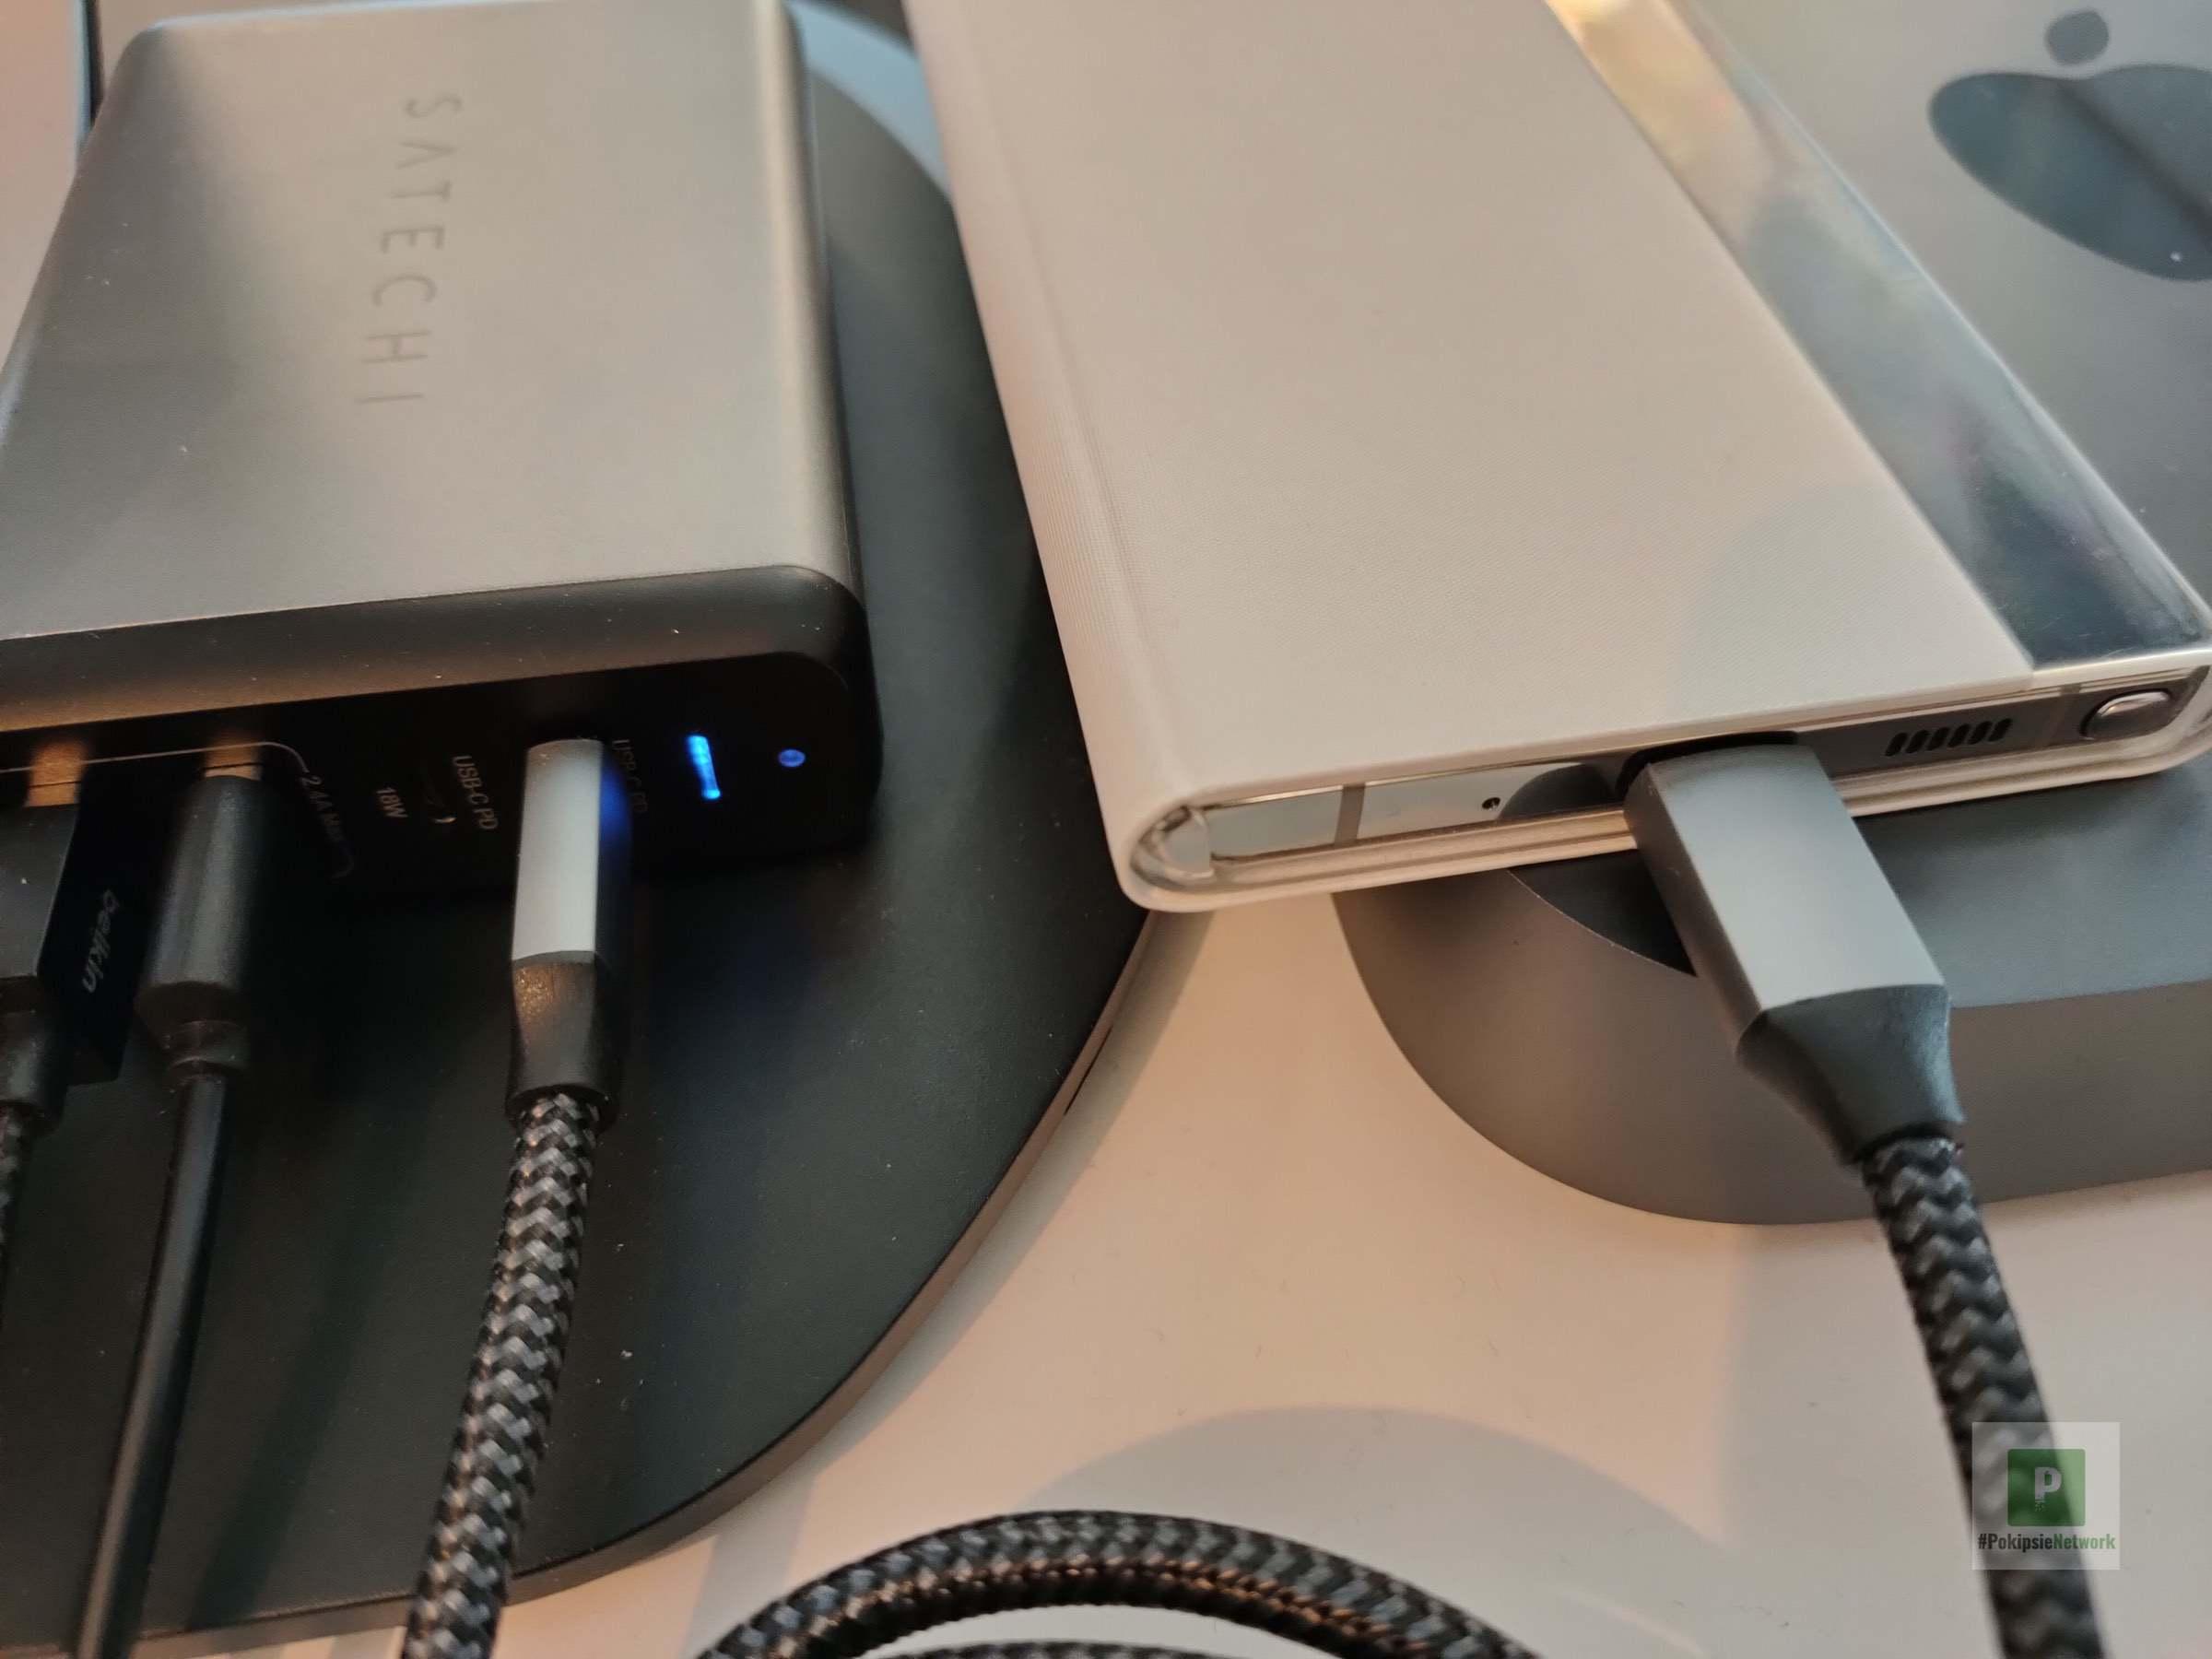 Die beiden USB-C-Stecker